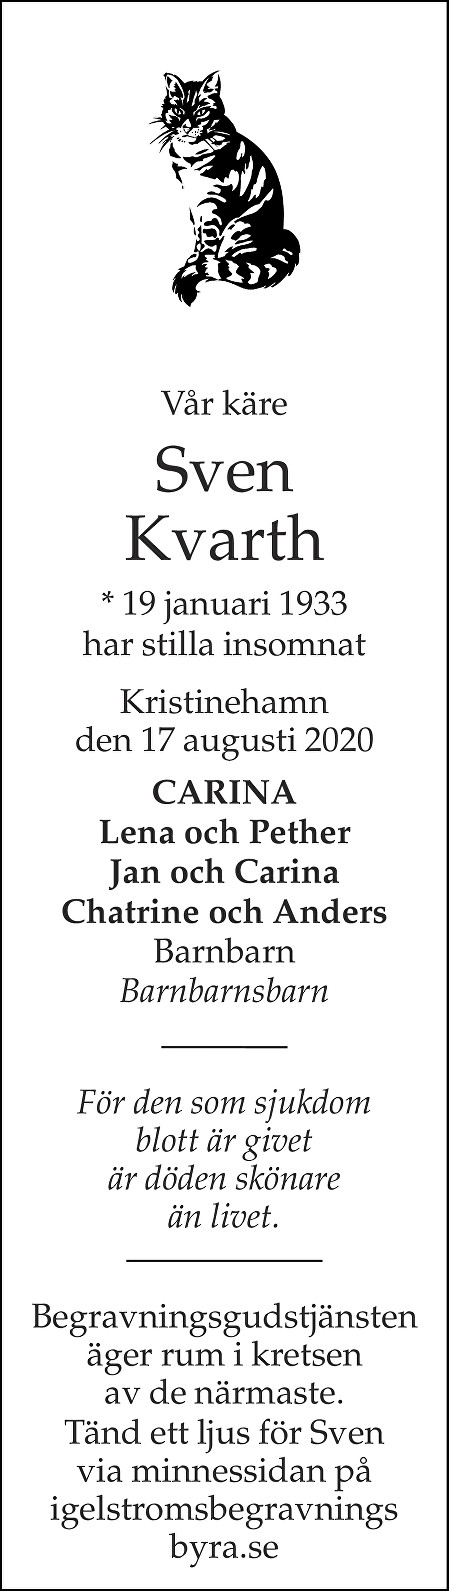 Sven Kvarth Death notice